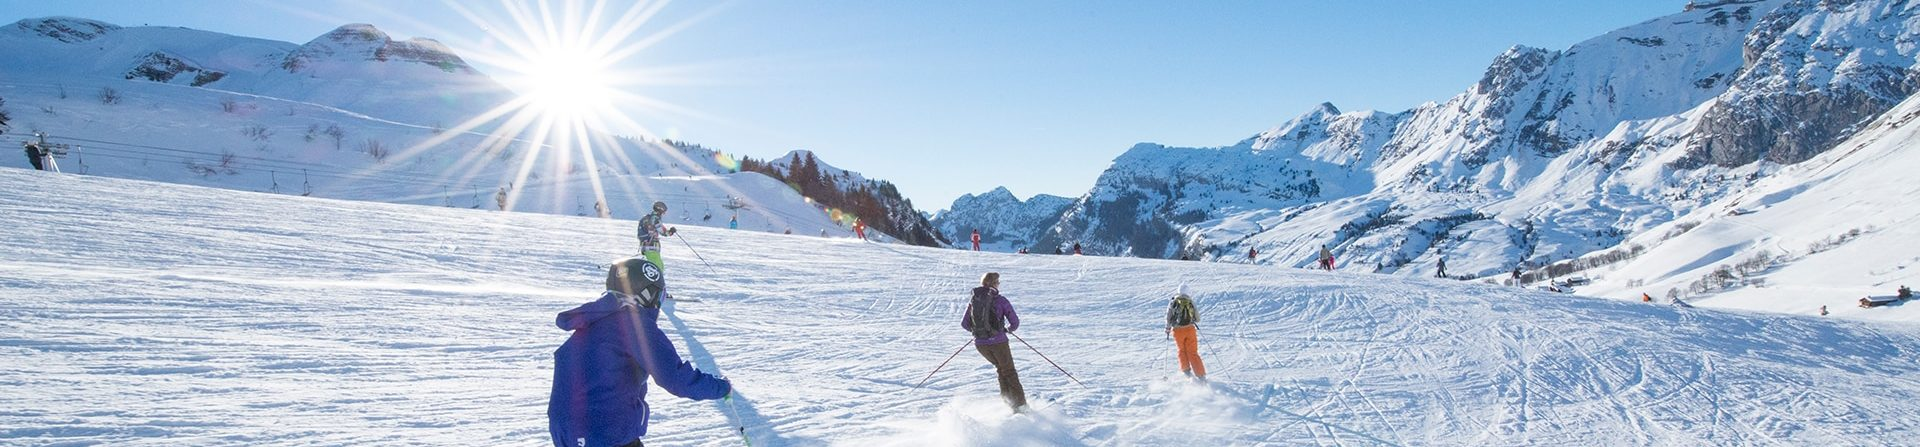 Skieurs sur les pistes du Grand-Bornand.